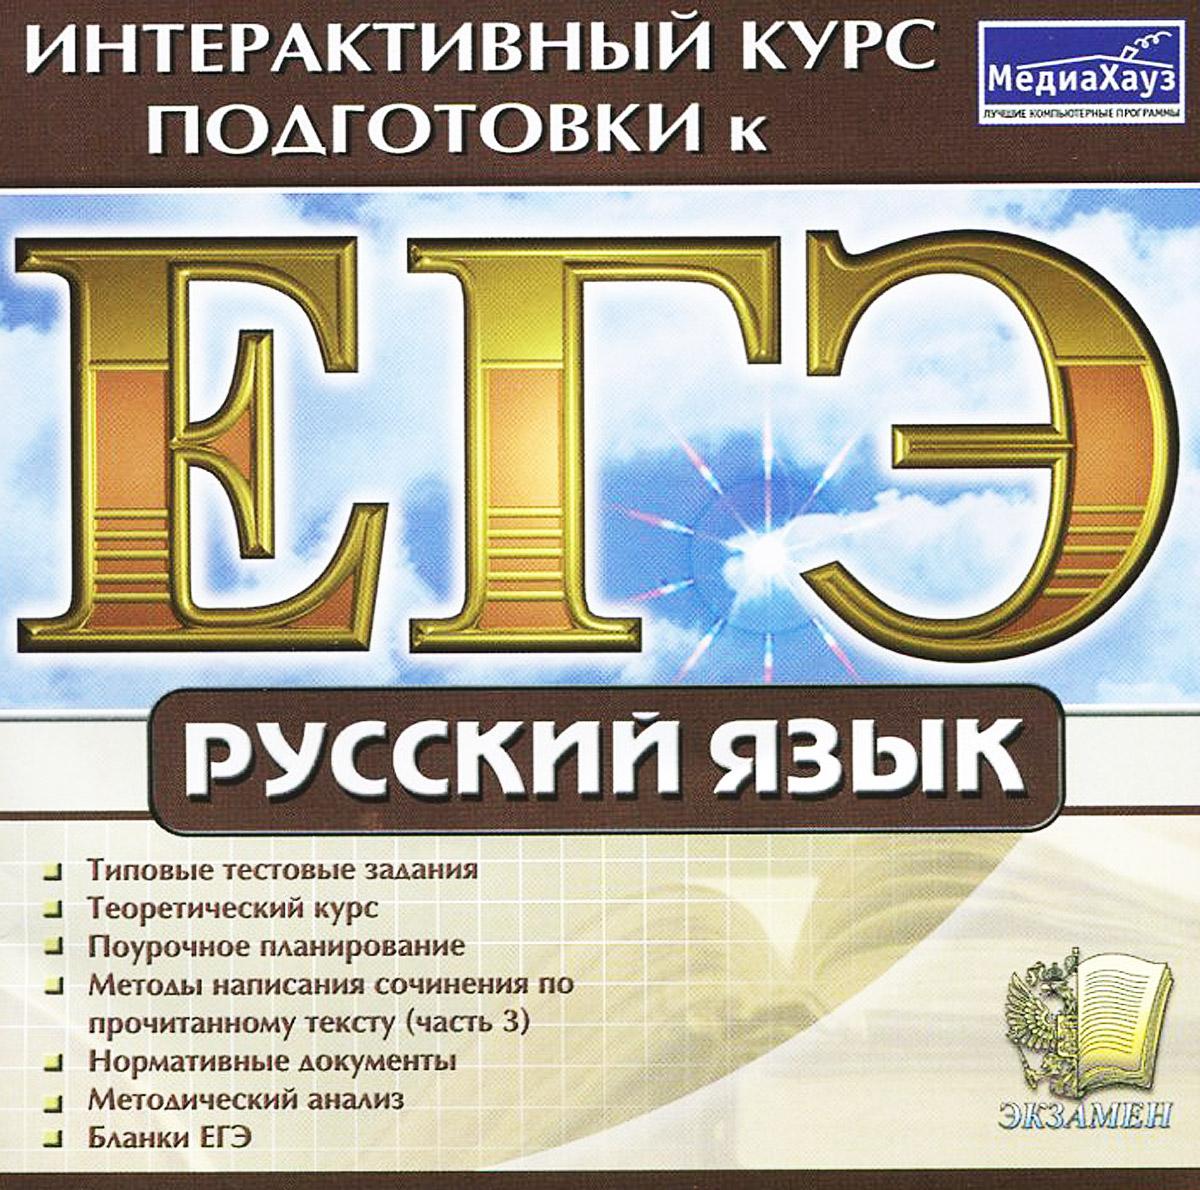 Интерактивный курс подготовки к ЕГЭ. Русский язык